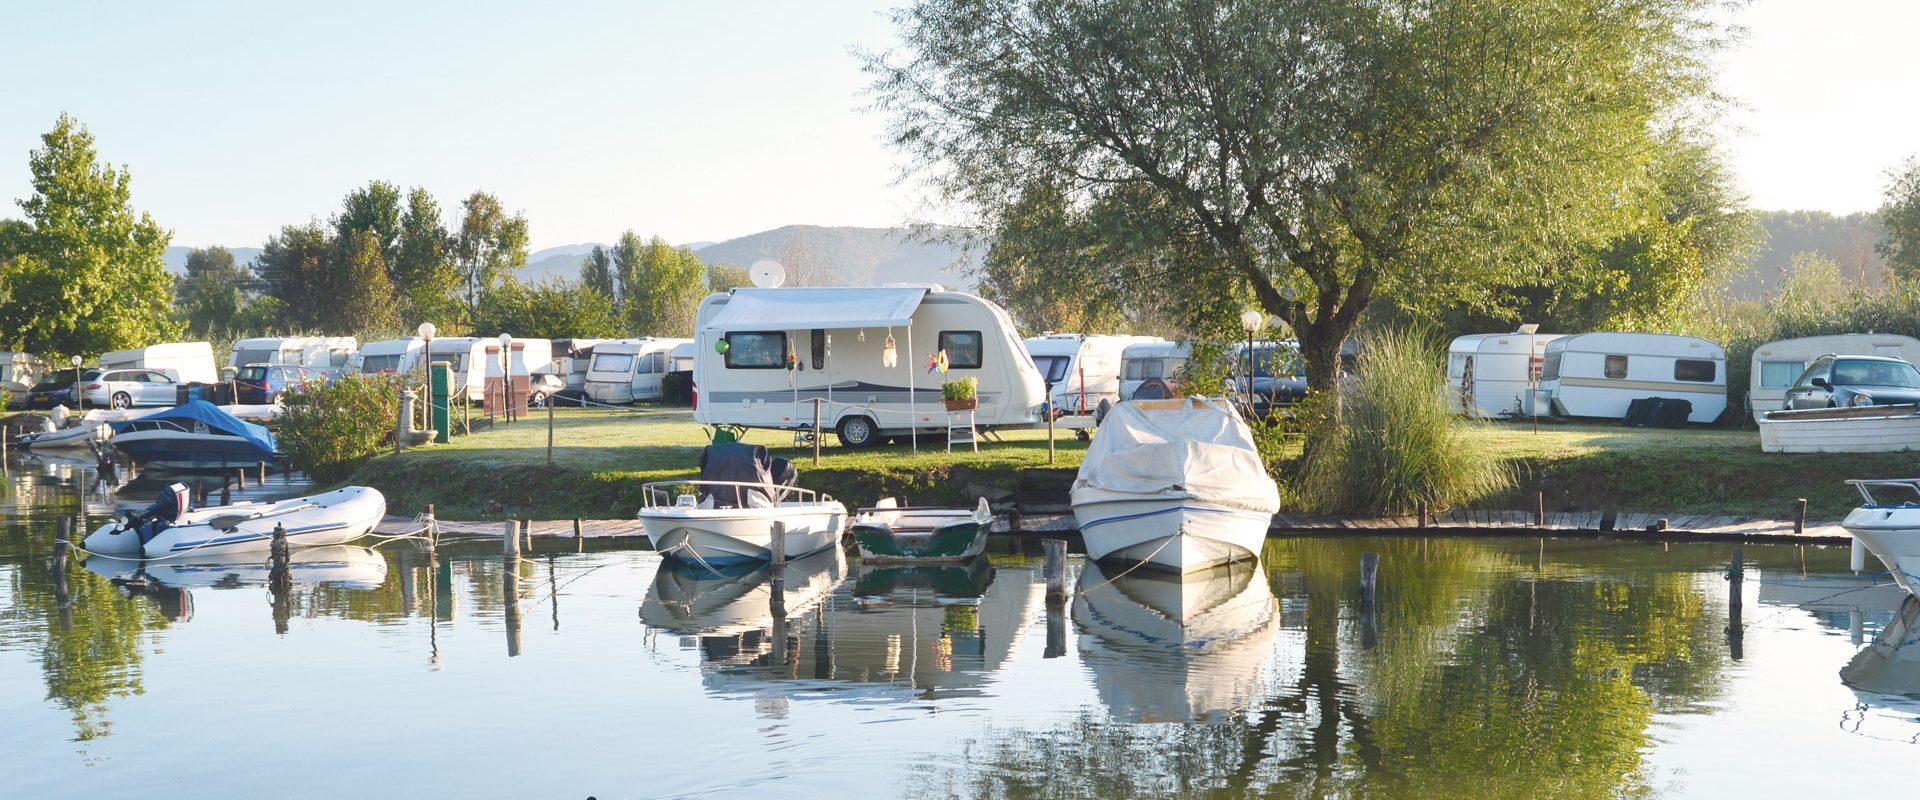 Stabilimenti balneari e campeggi